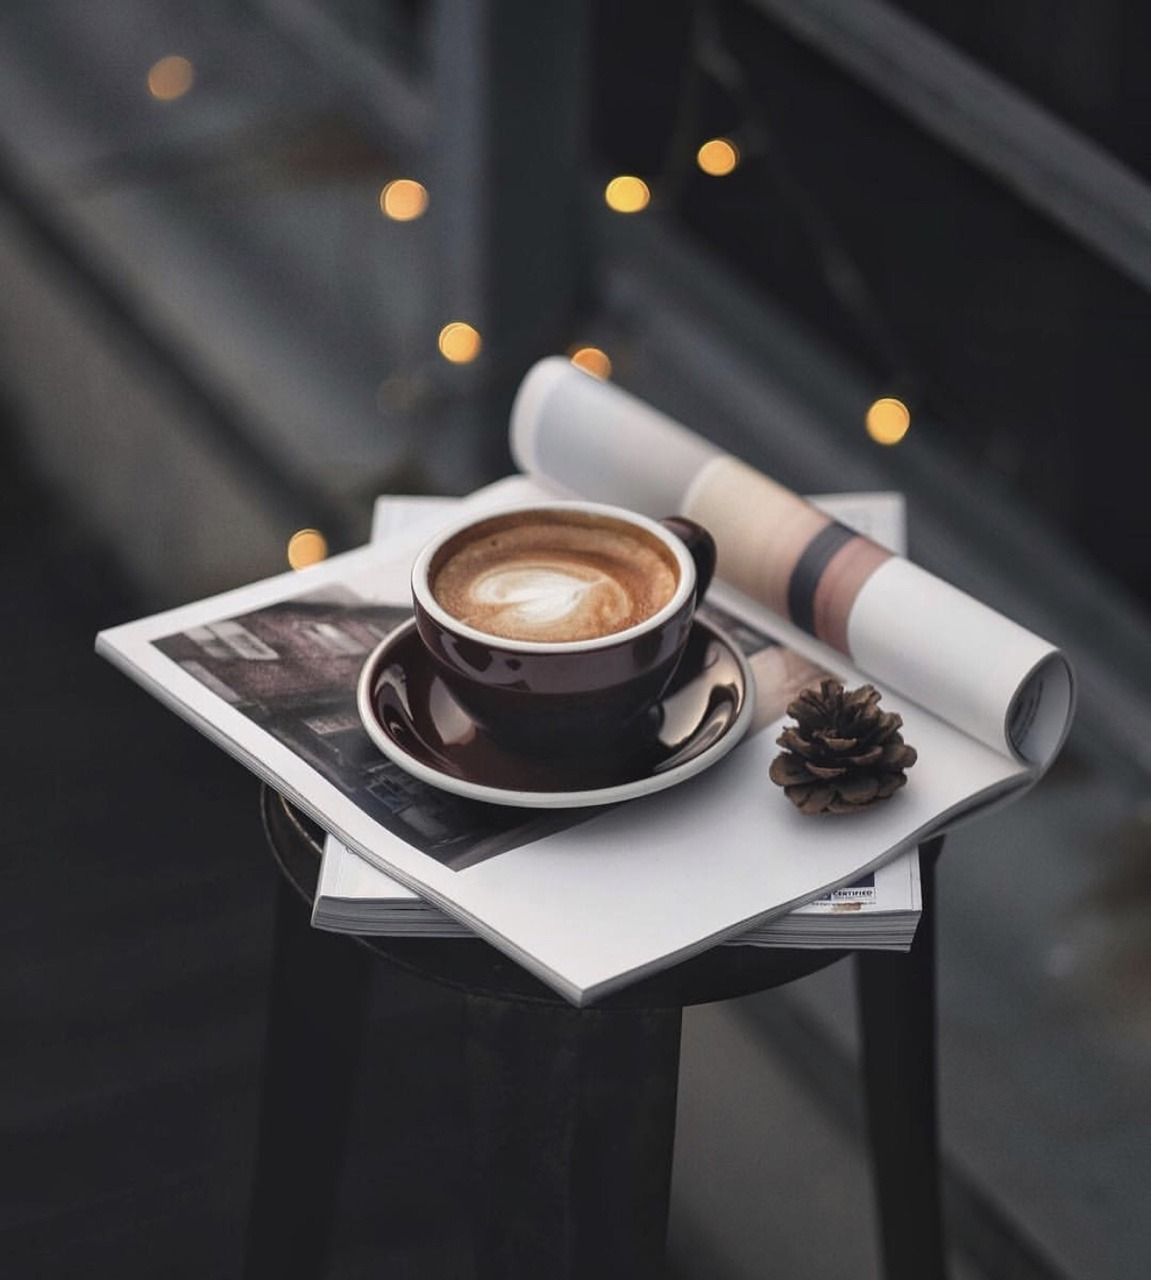 Café #Coffee | Coffee love, Coffee drinks, Coffee art